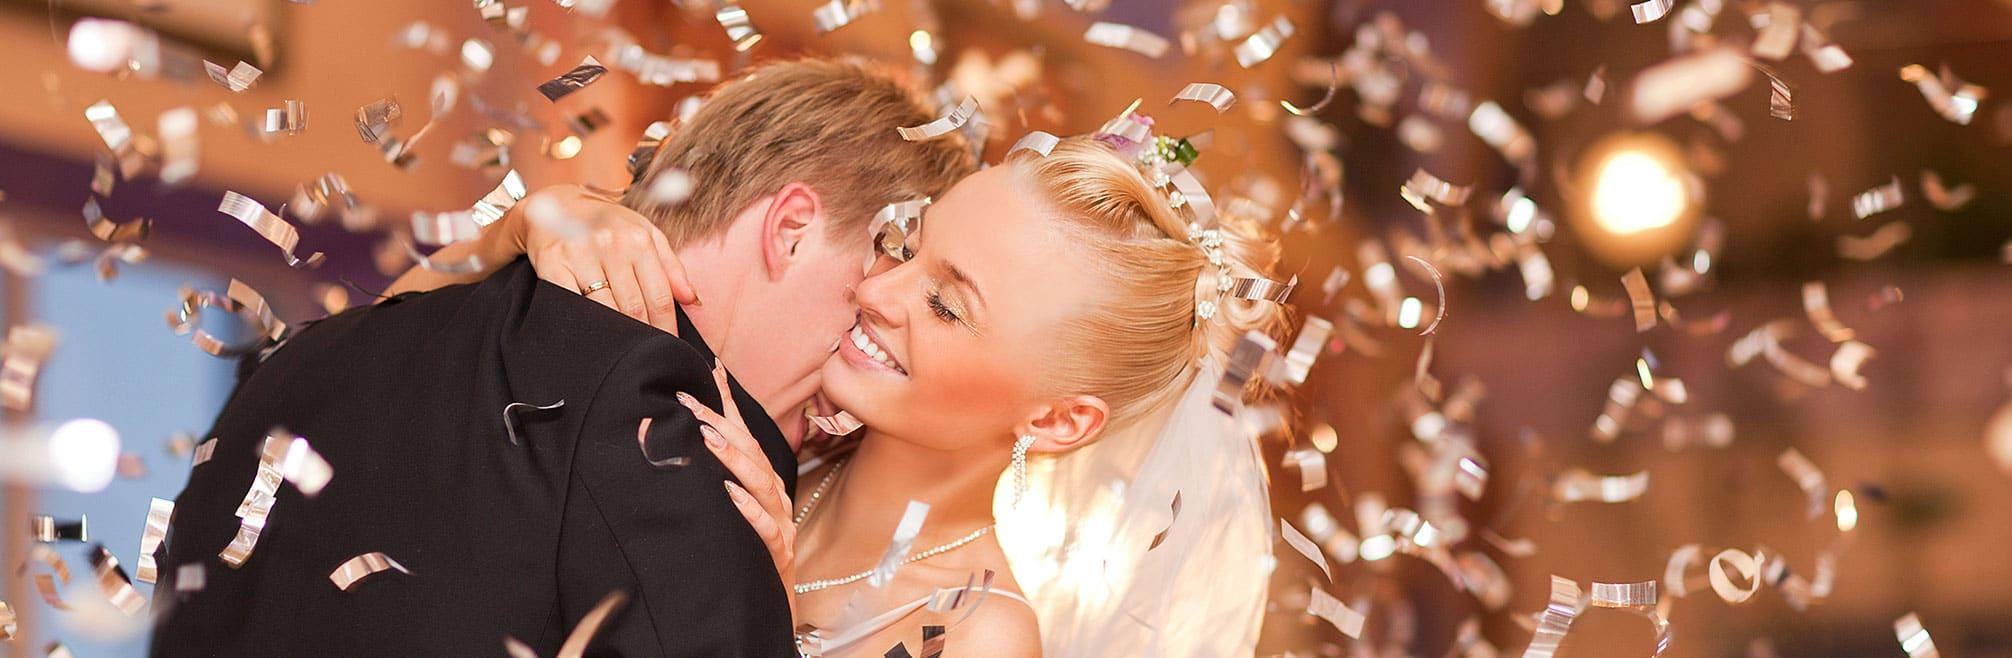 Hochzeitsband Die perfekte Livemusik für den schönsten Tag in Ihrem Leben